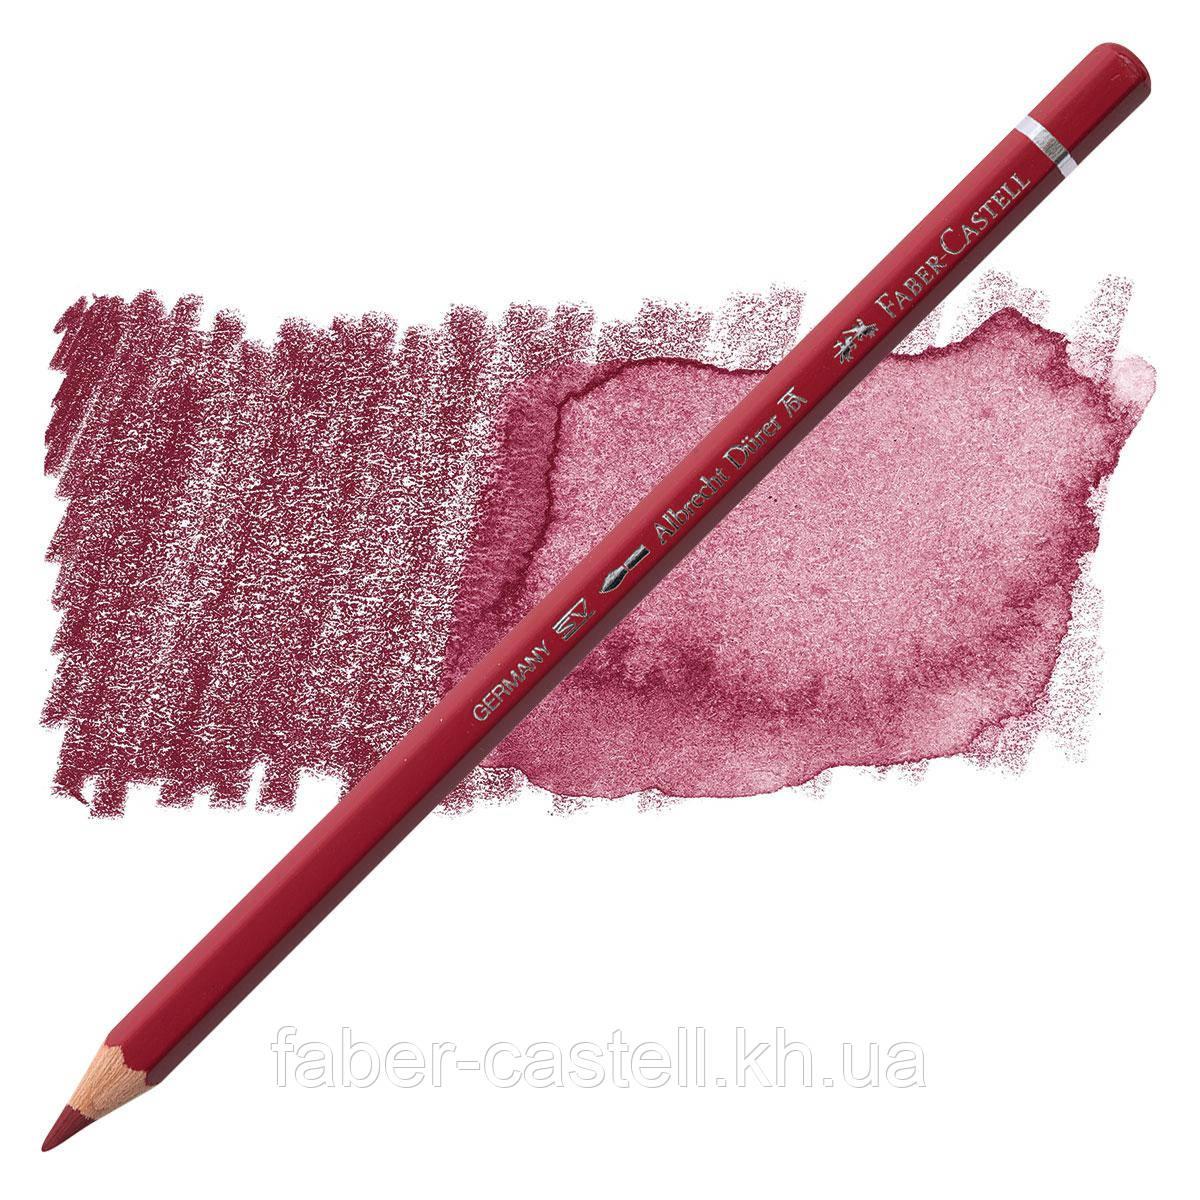 Олівець акварельний кольоровий Faber-Castell Albrecht Дюрера темно-червоний (Dark Red) № 225, 117725